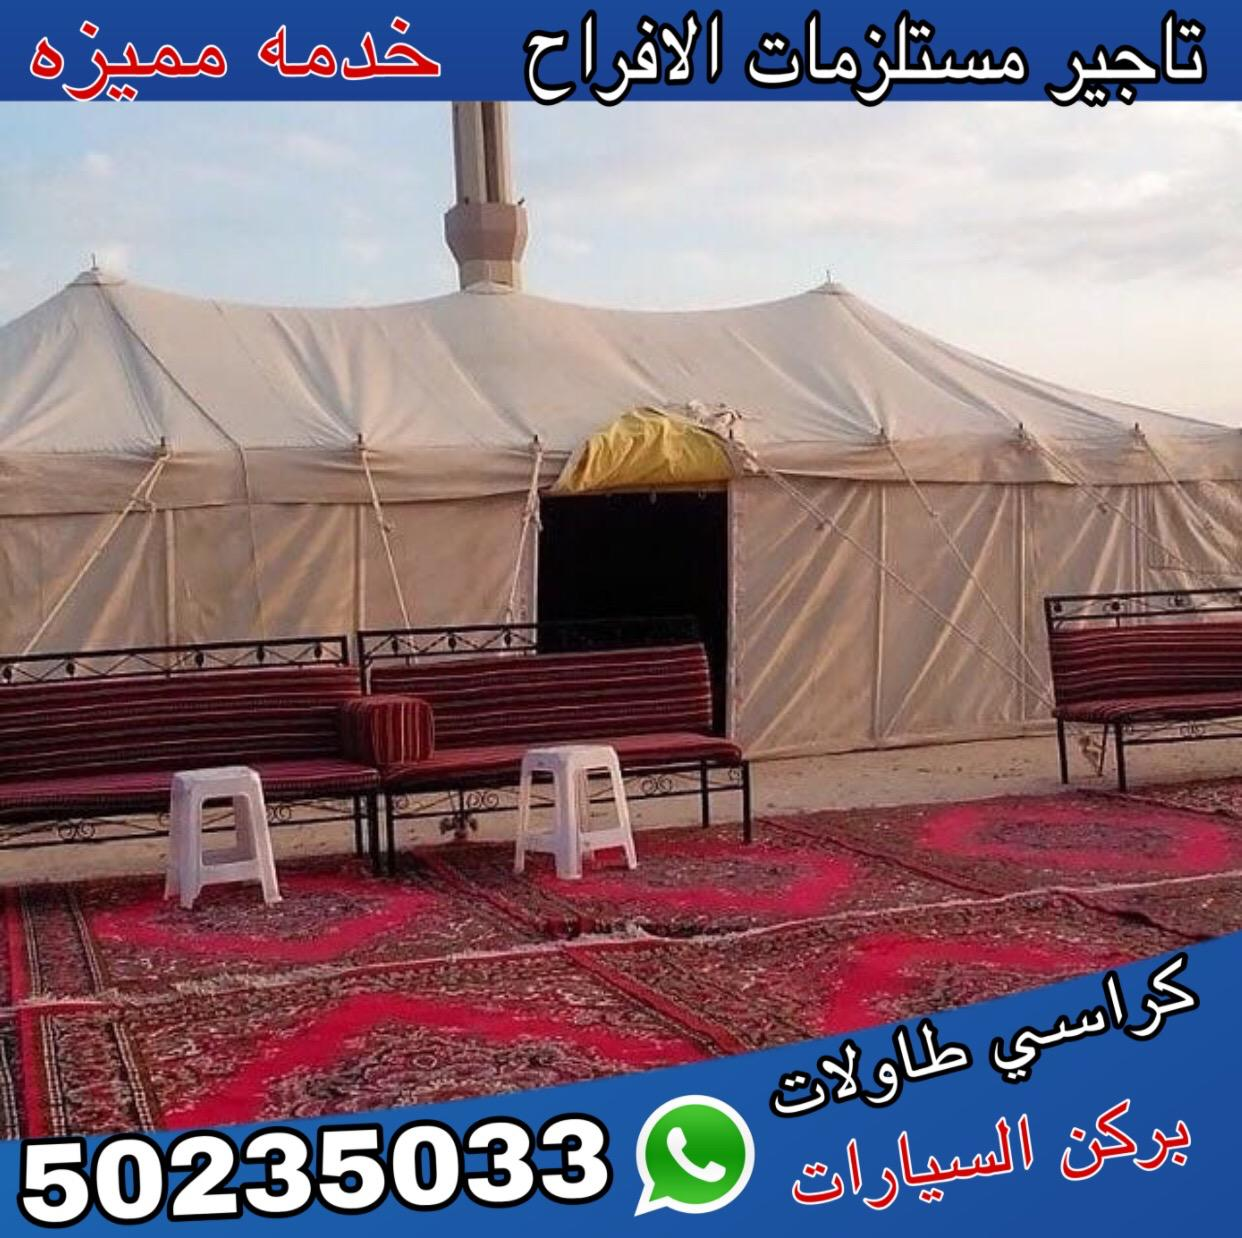 تأجير خيام الكويت   تأجير خيام مناسبات   50235033